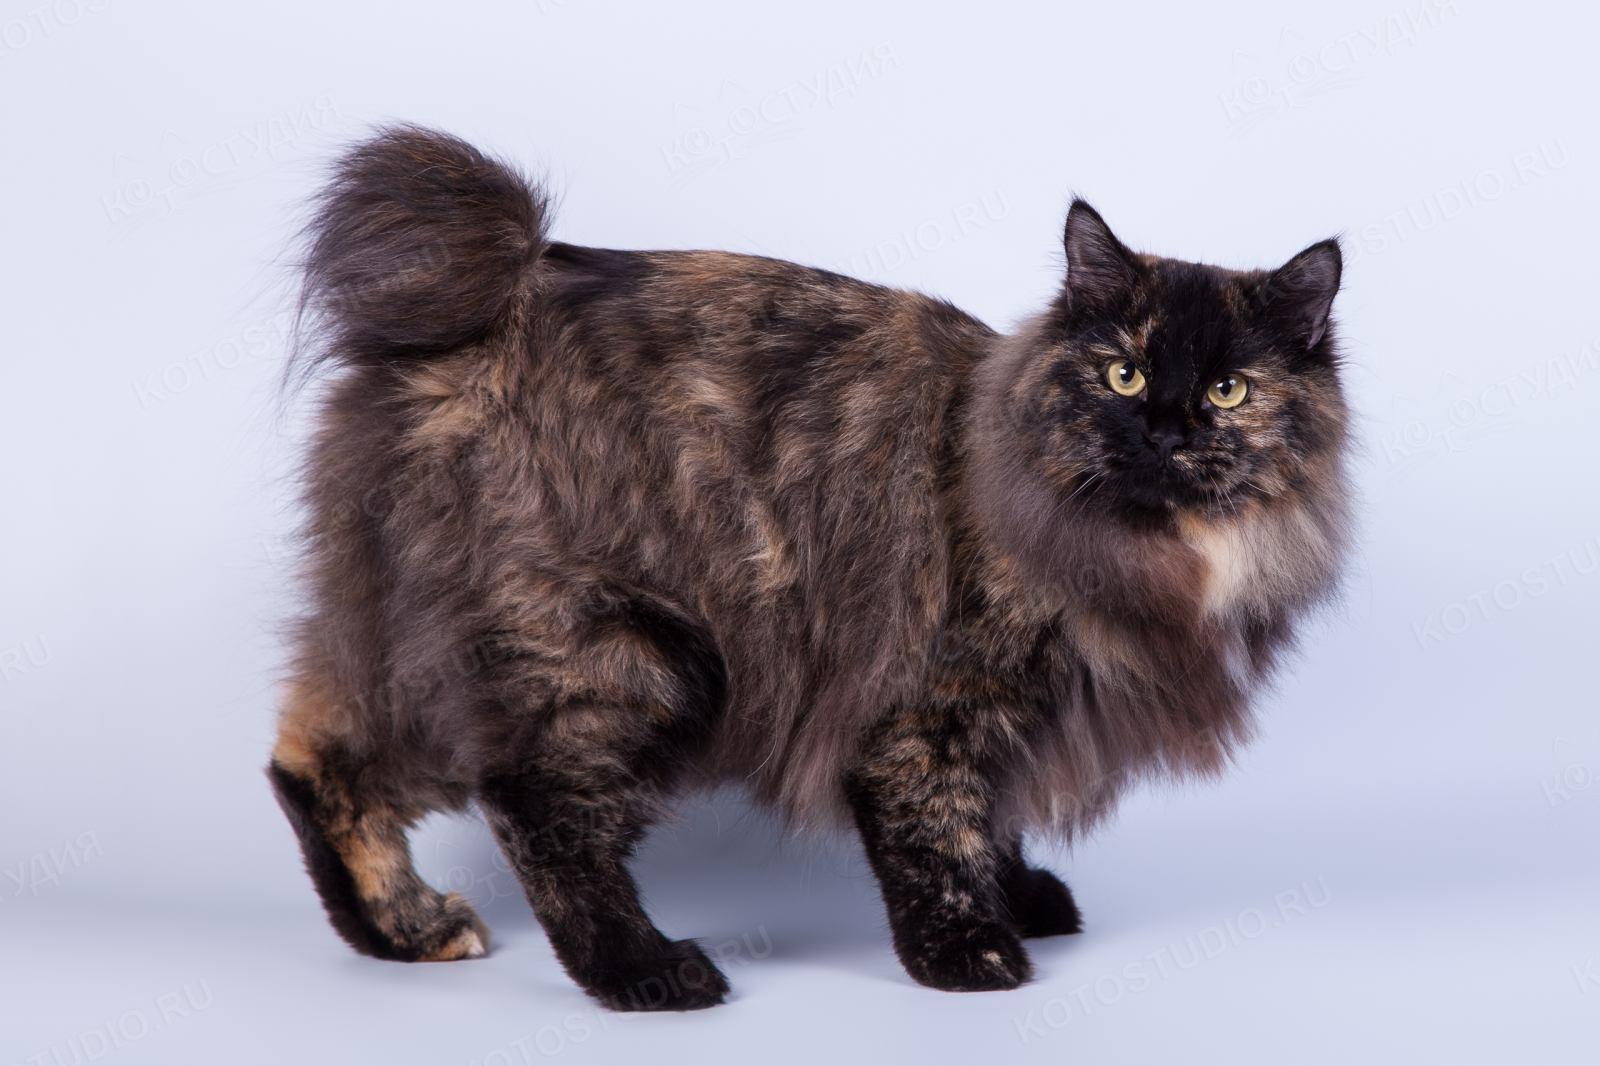 здп коболдо картинки курильских бобтейлов кошек милые